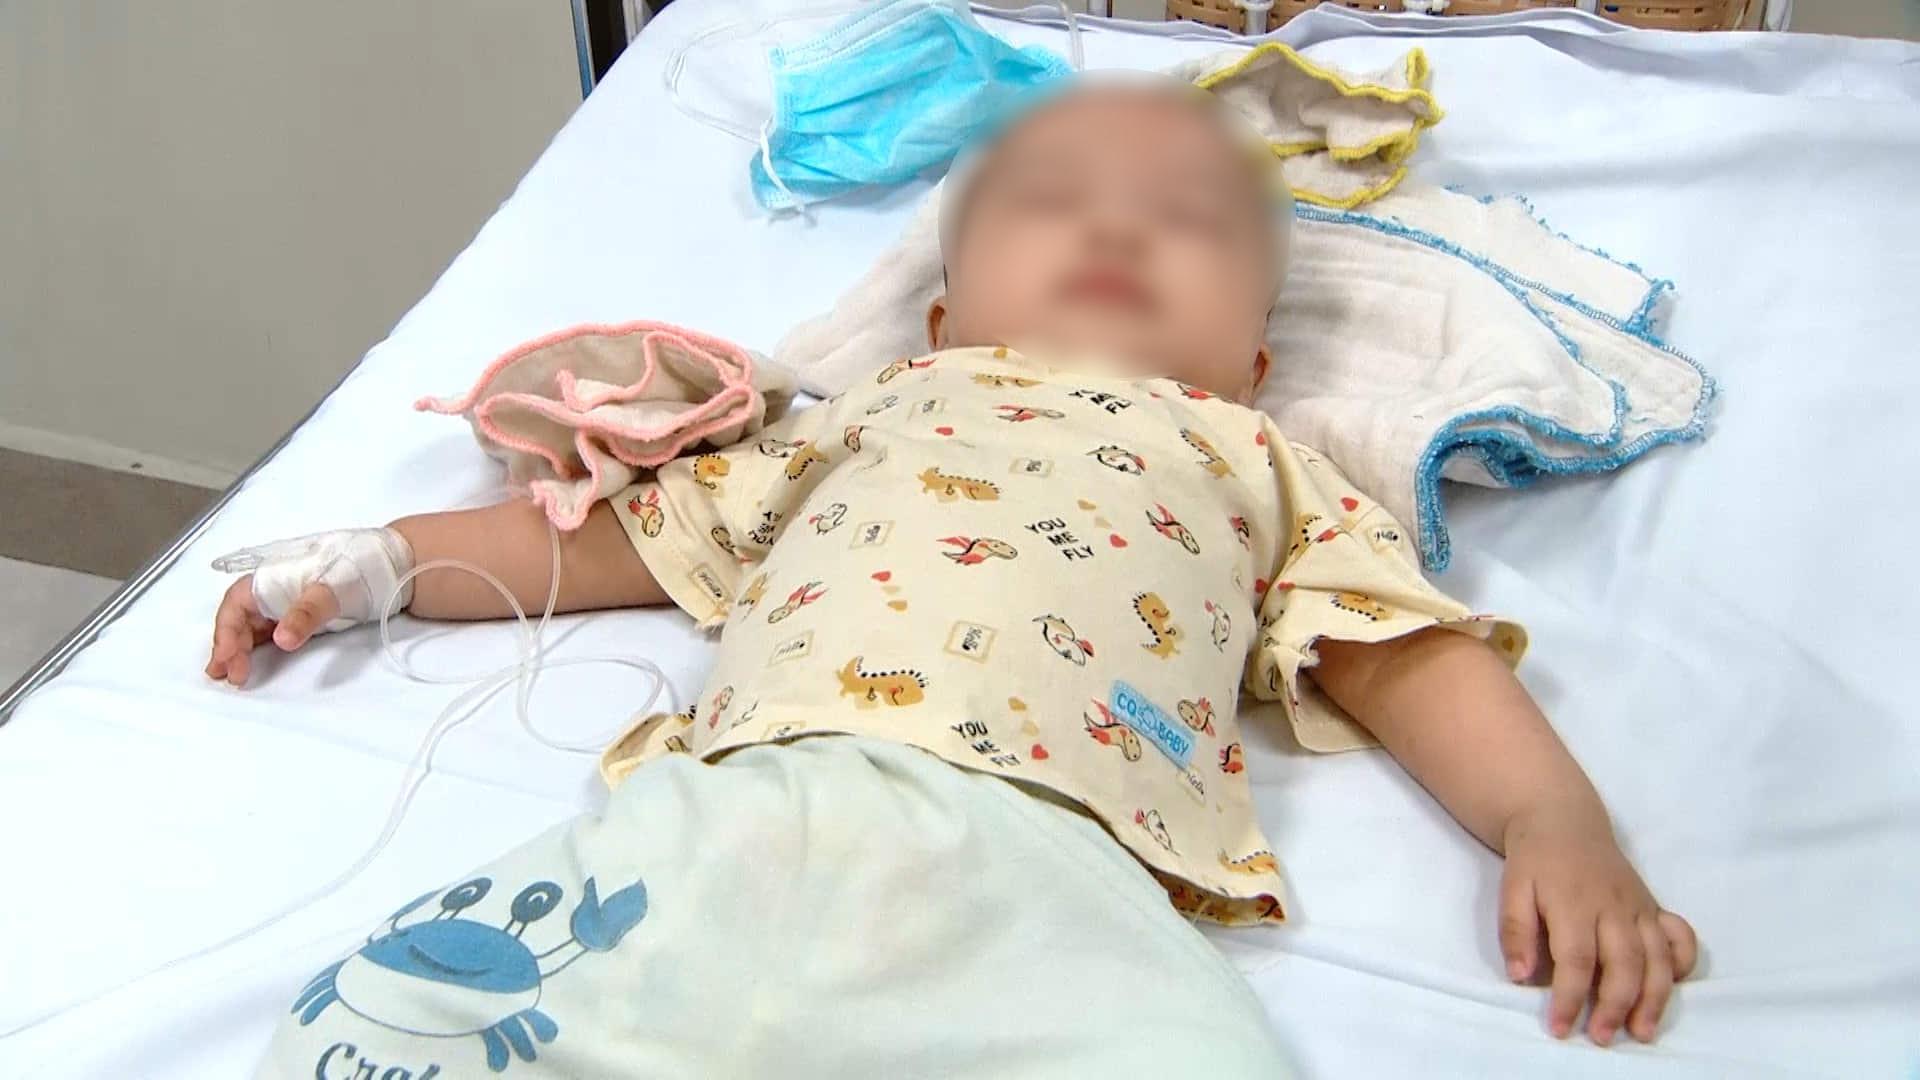 Lại thêm bé gái 7 tháng tuổi nguy kịch vì uống thuốc hạ sốtparacetamol